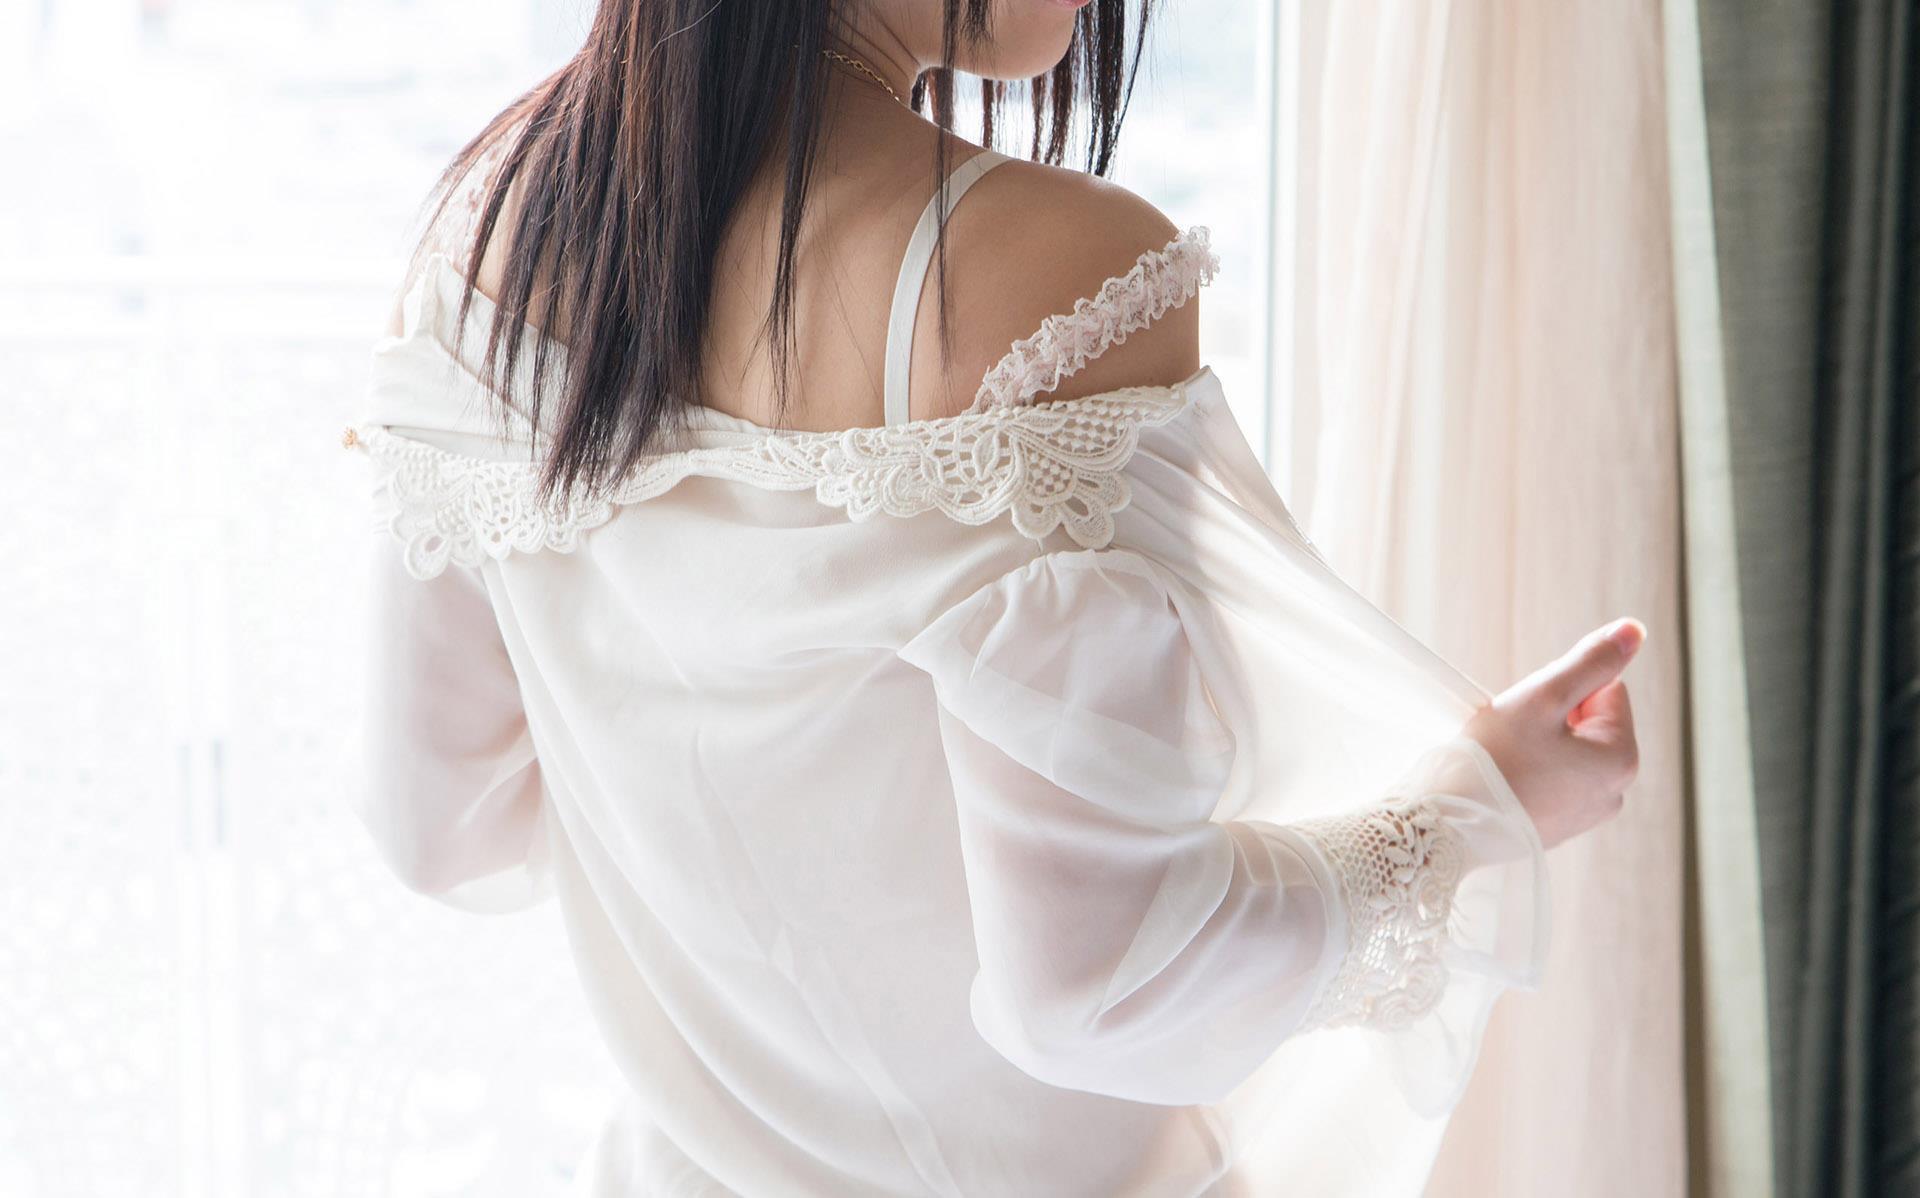 若月まりあ(星まりあ) セックス画像 60